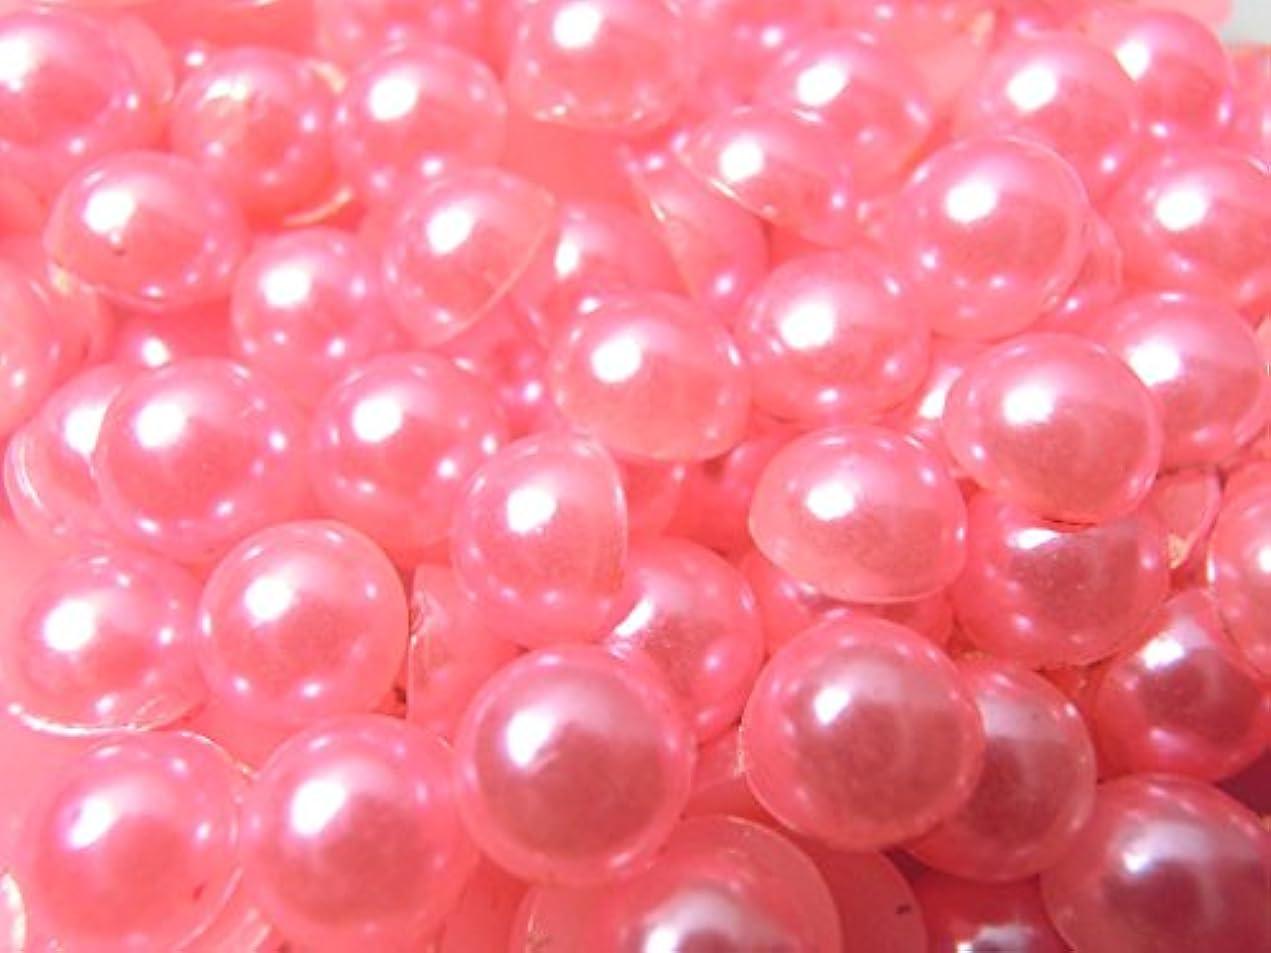 区画クール大胆【ラインストーン77】超高級 パールストーン 各サイズ選択可能 2mm~8mm ピンク (4mm (約200粒))